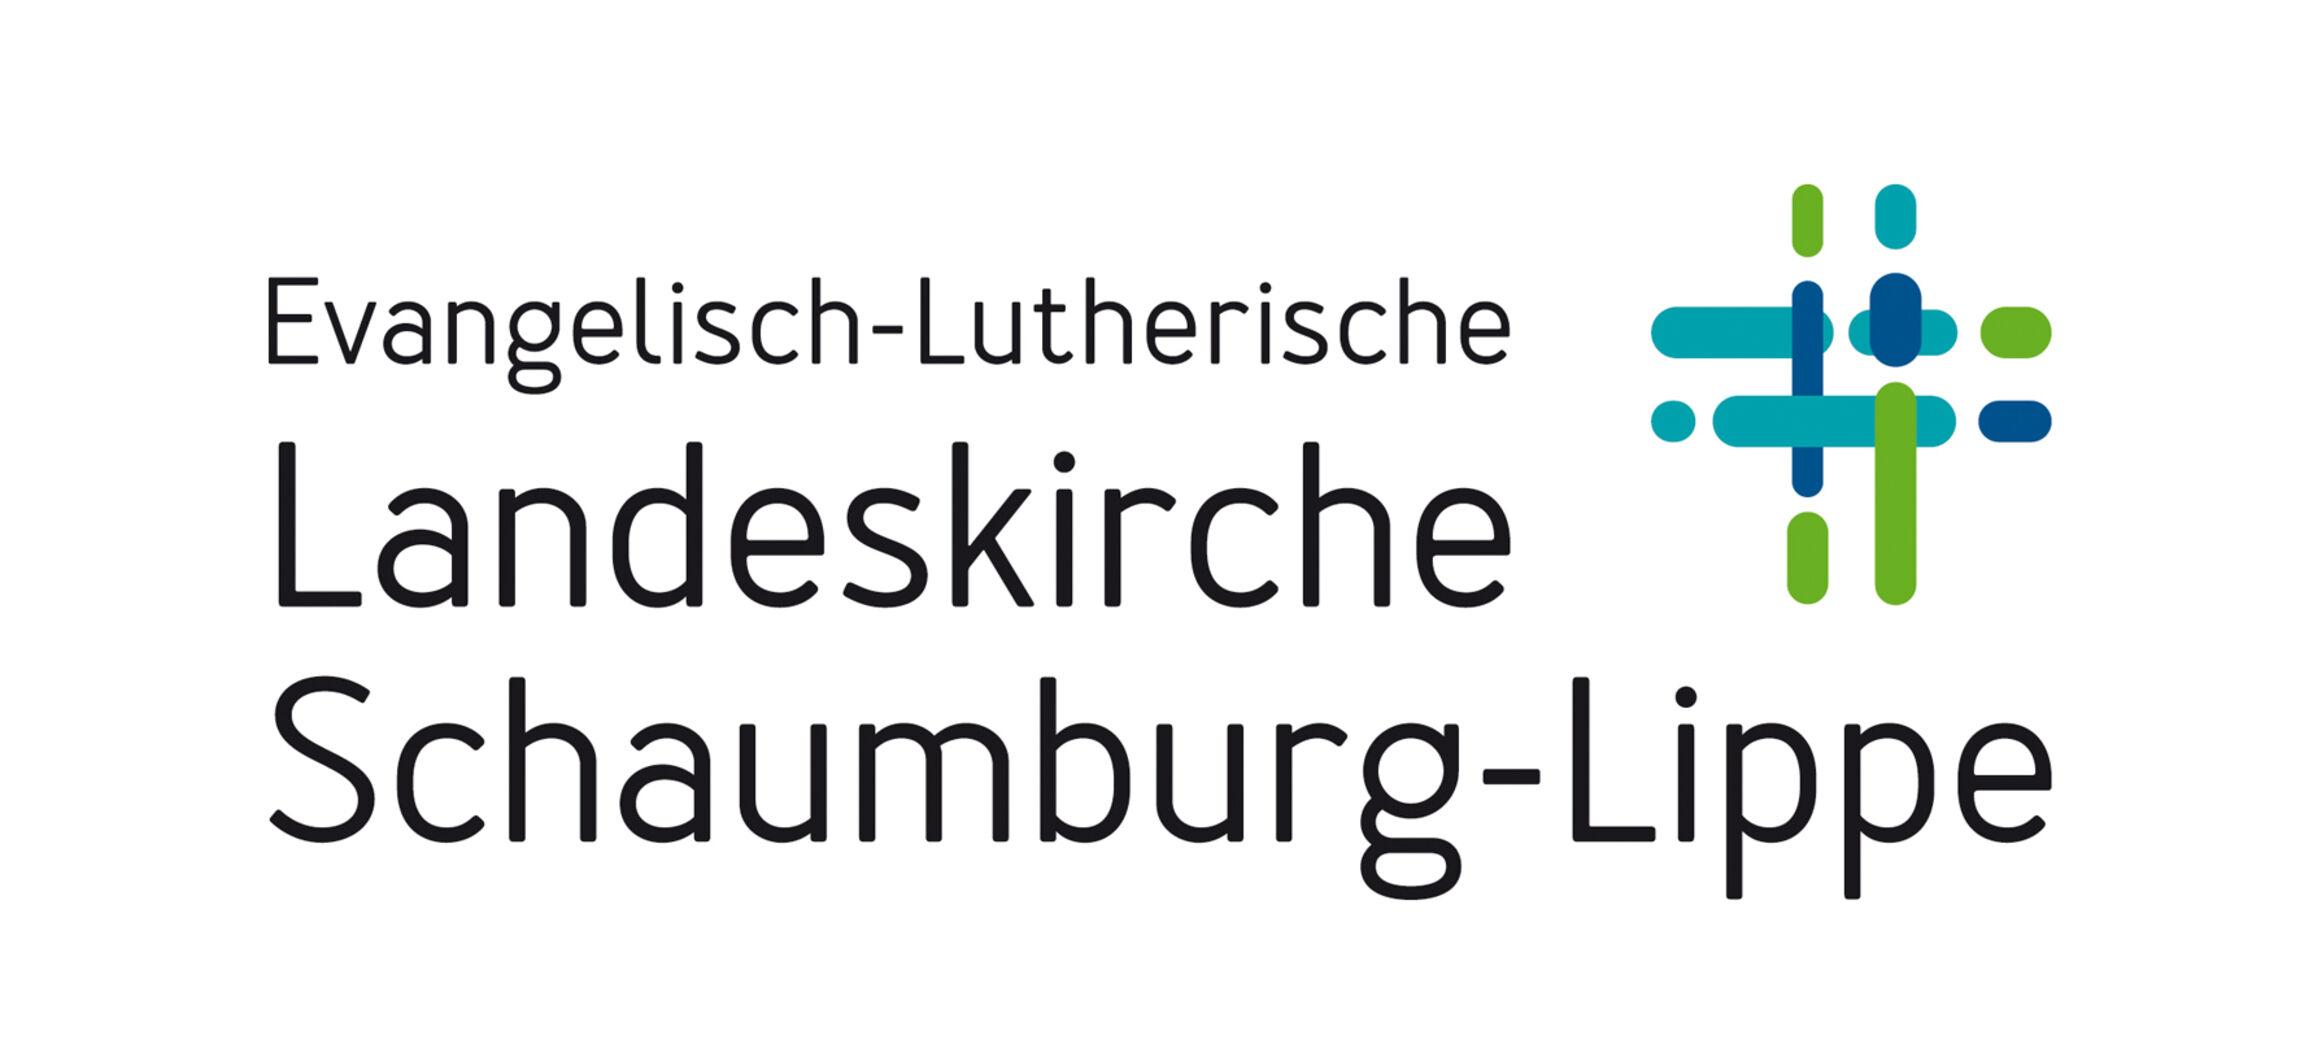 Schaumburg_Lippe_LKSL-Standard-rgb